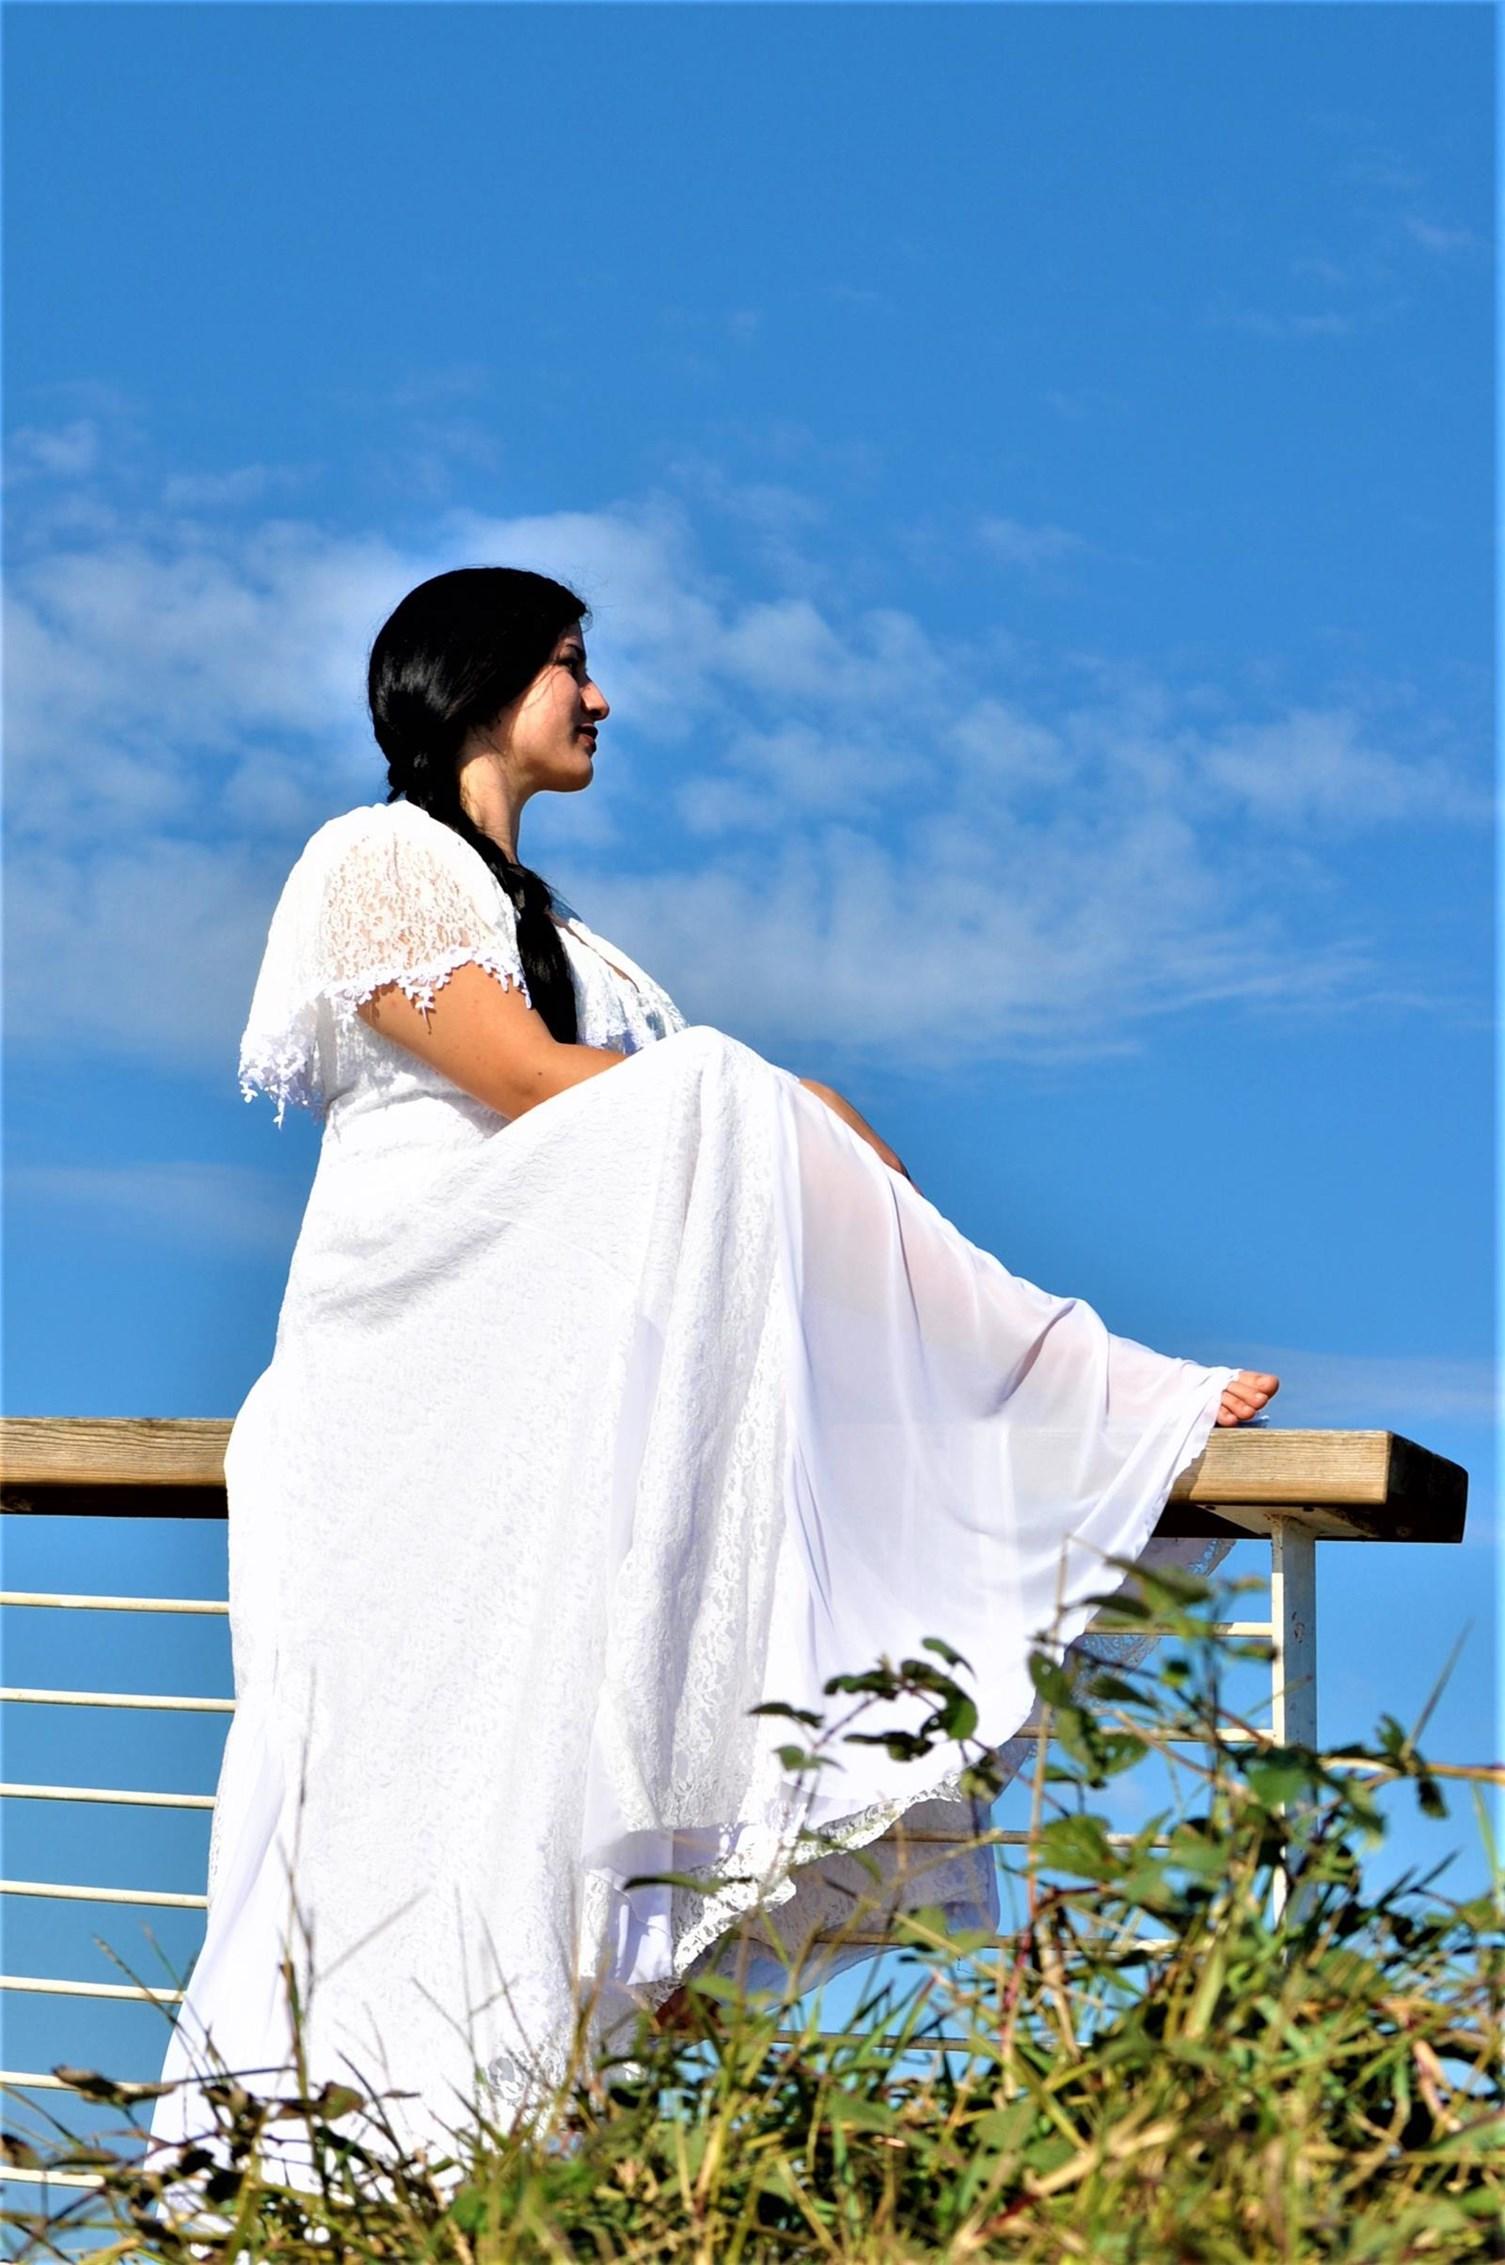 שמלת כלה - דגם לילך של אור טוהר (צילום: באדיבות אור טוהר)